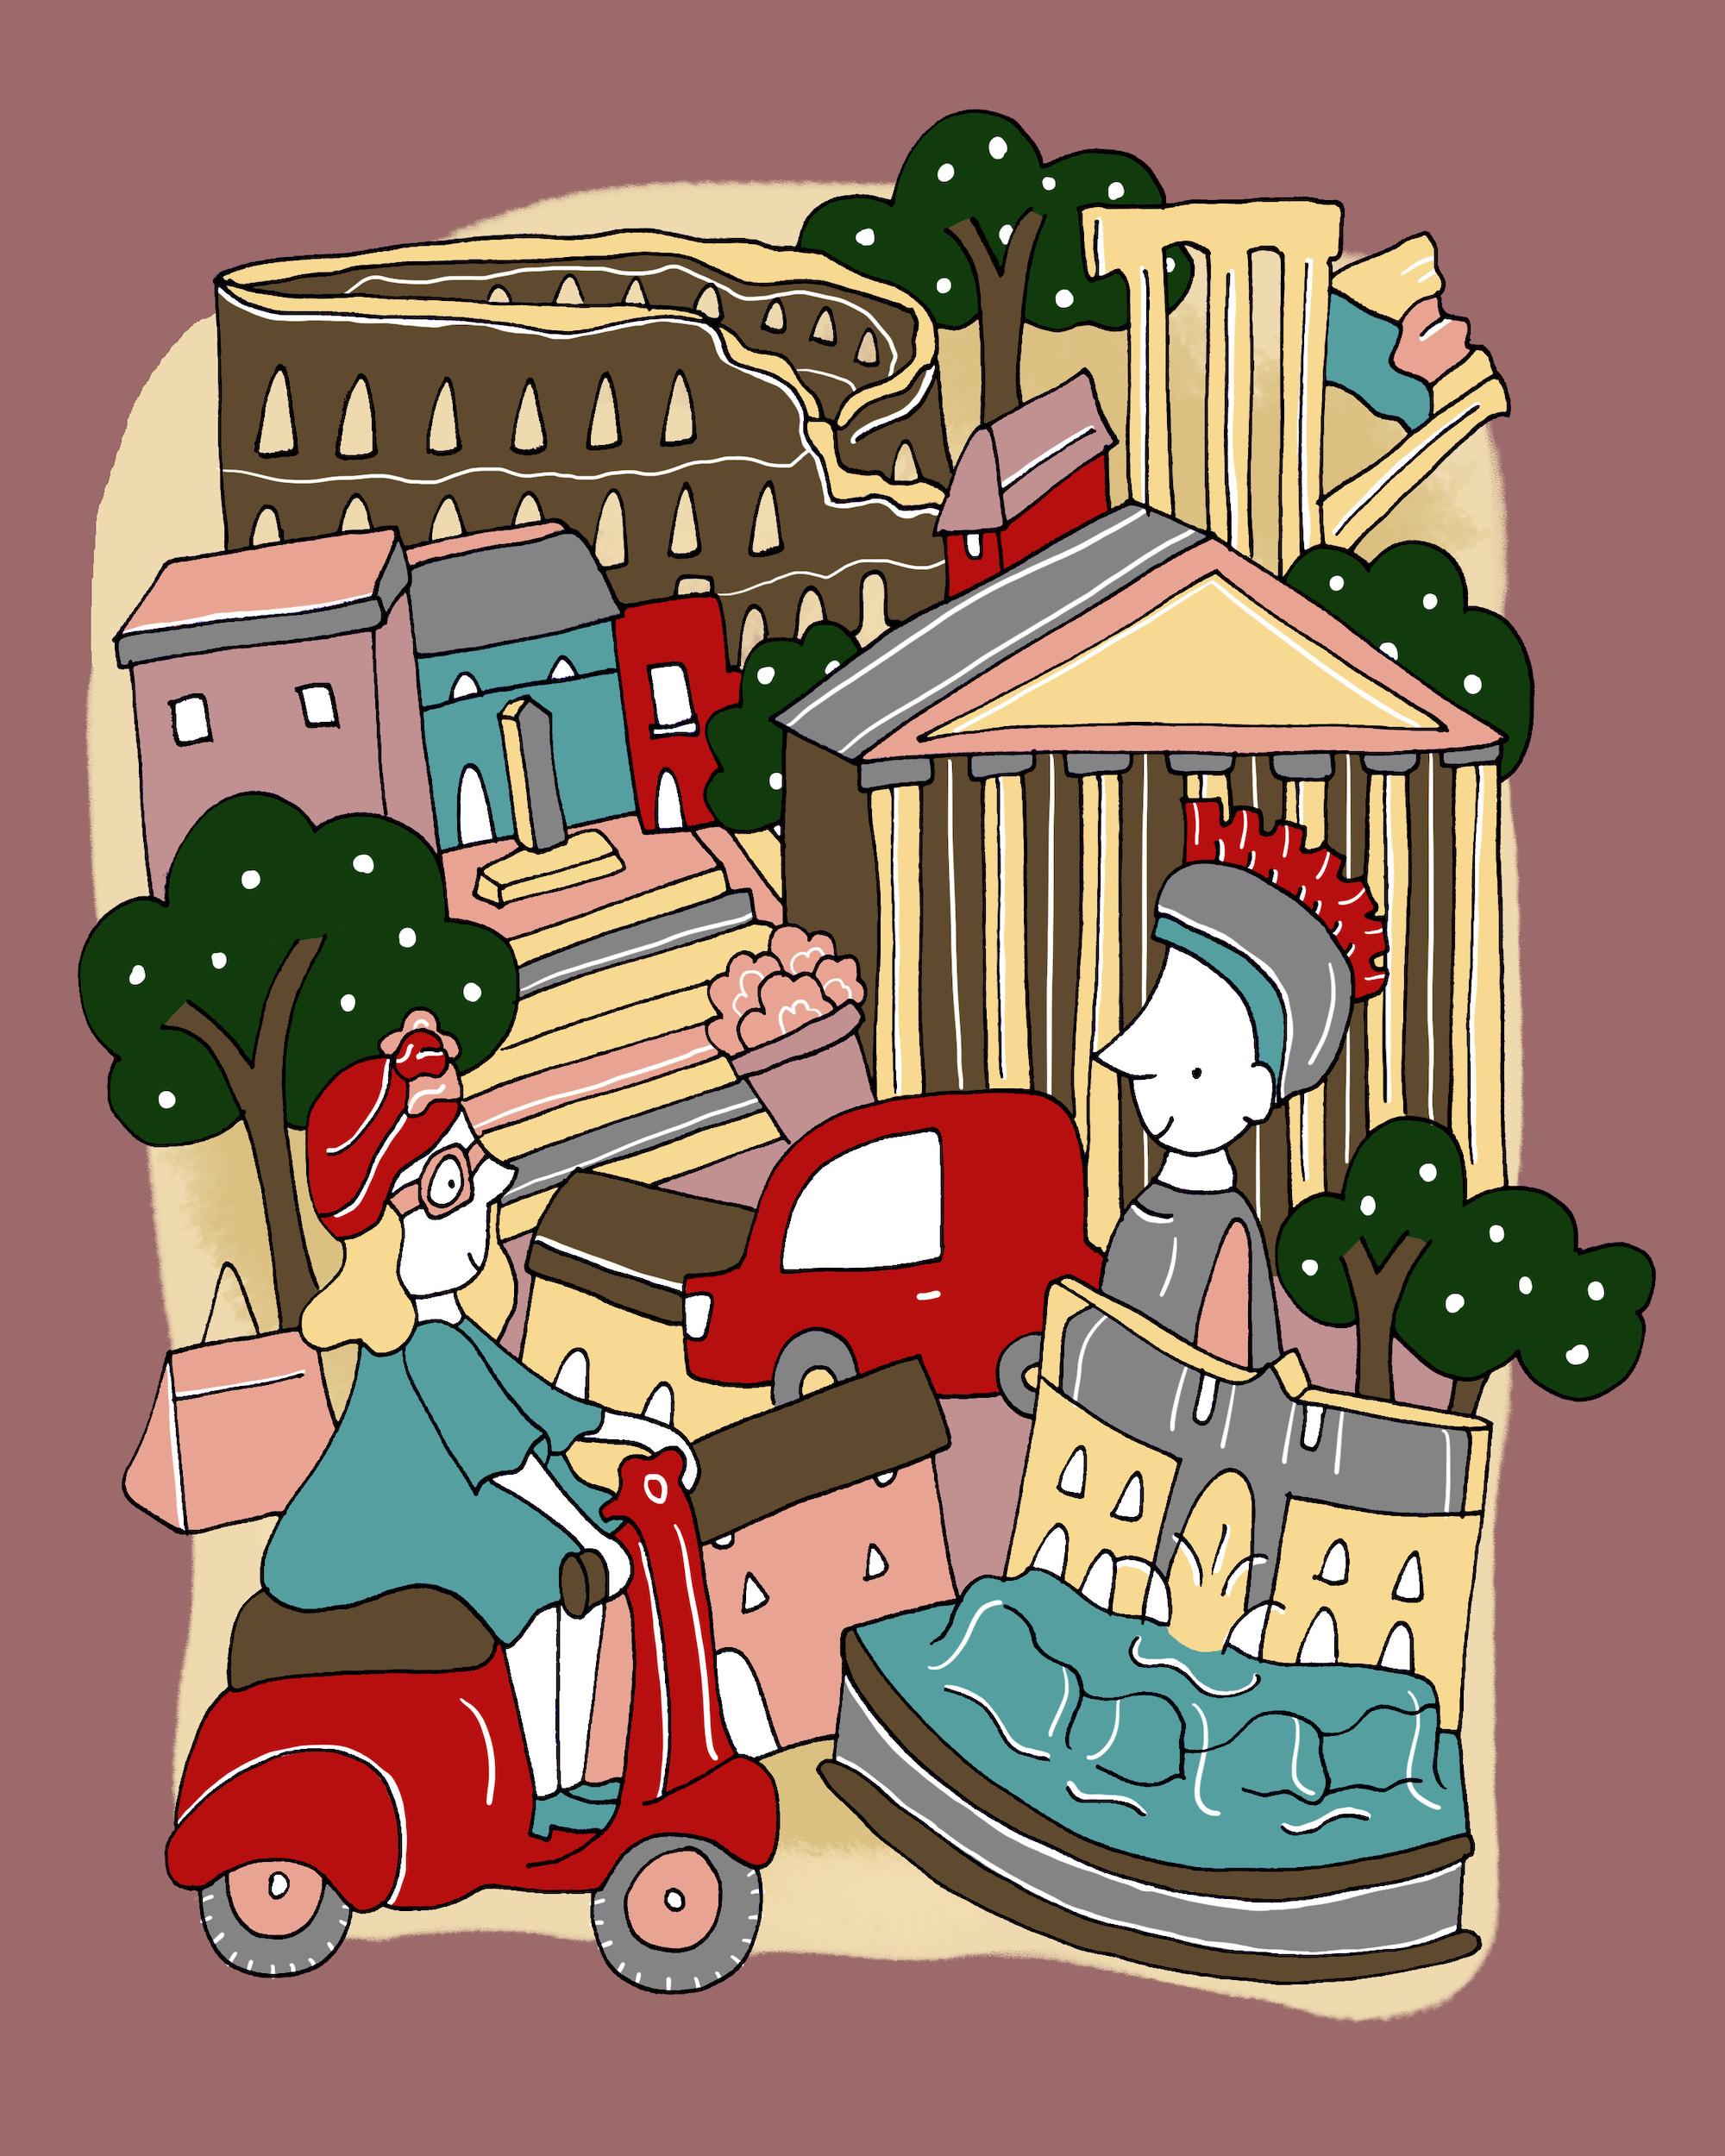 MeganMcKean_illustration_Rome.jpg